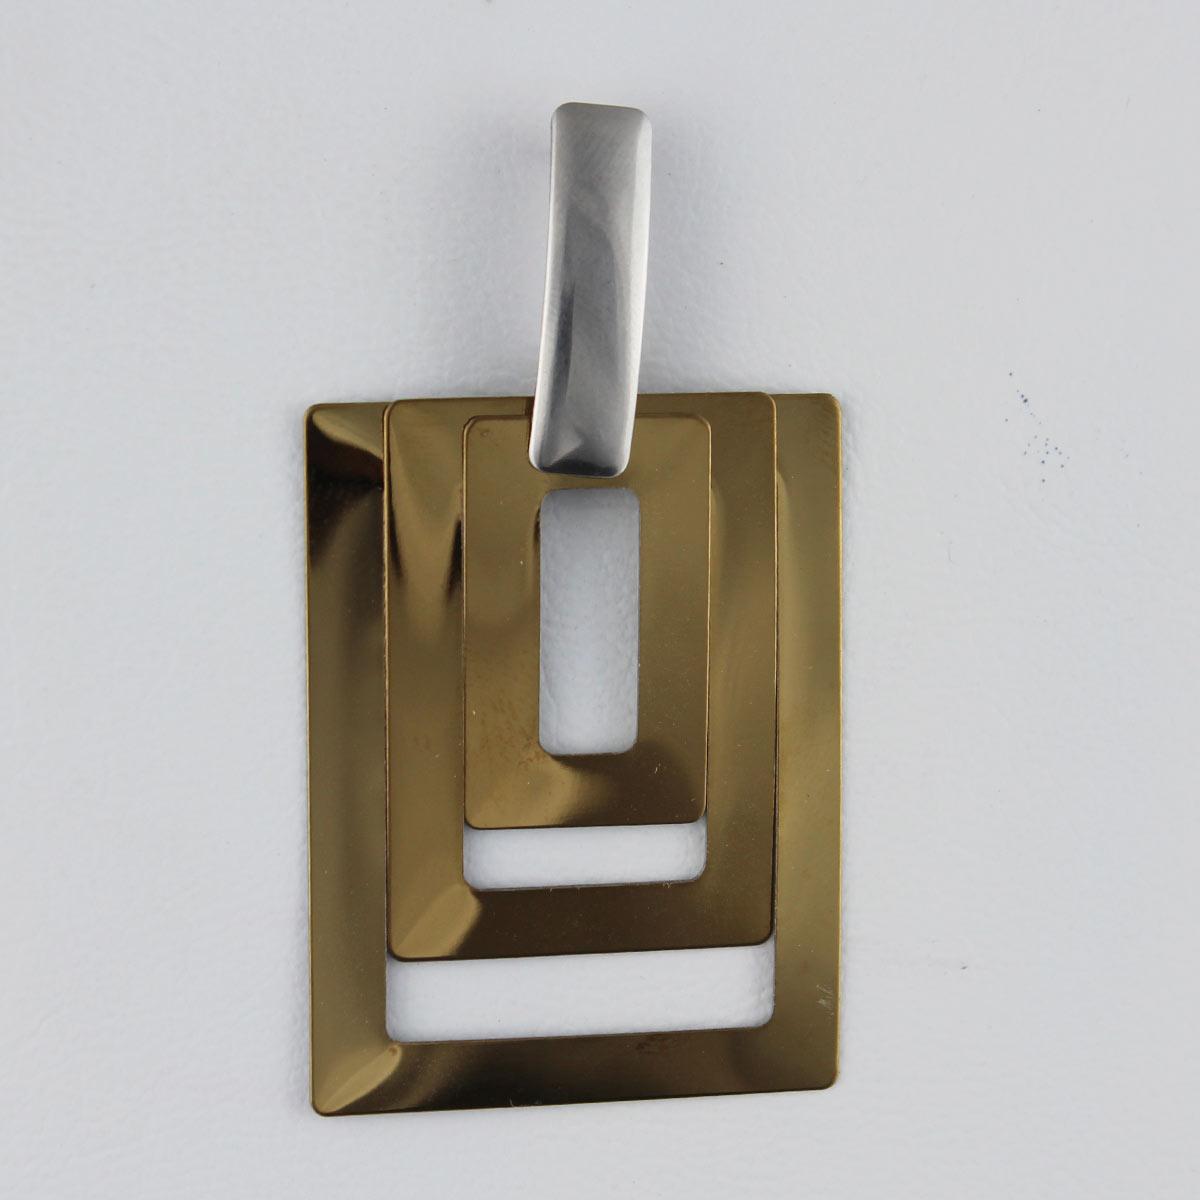 Brinco Retangulos Elegante- Prateado e Dourado